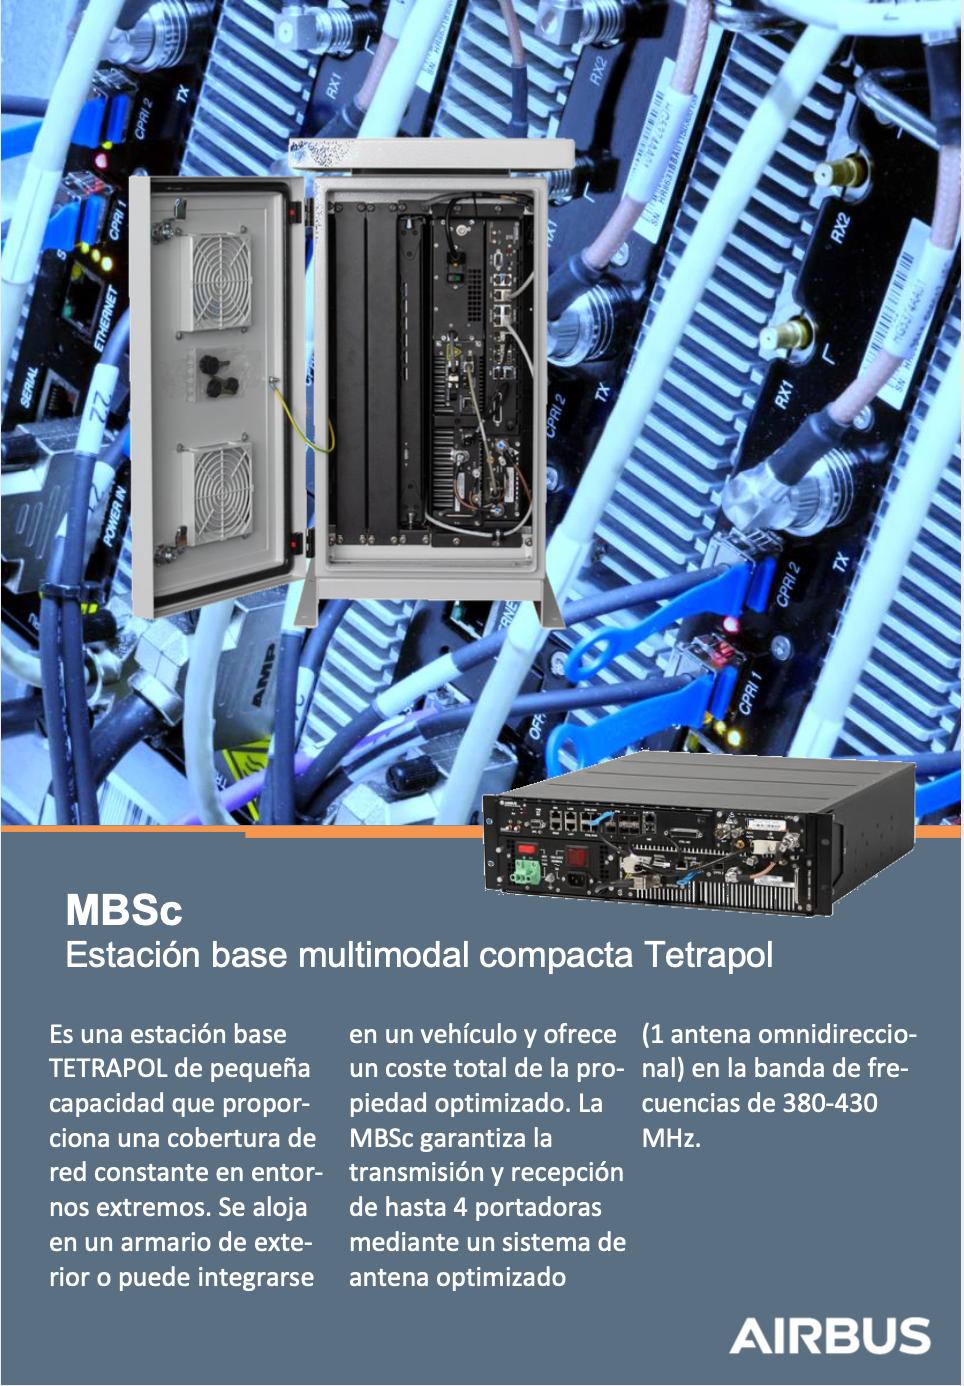 estacion-base-multimodal-compacta-tetrapol